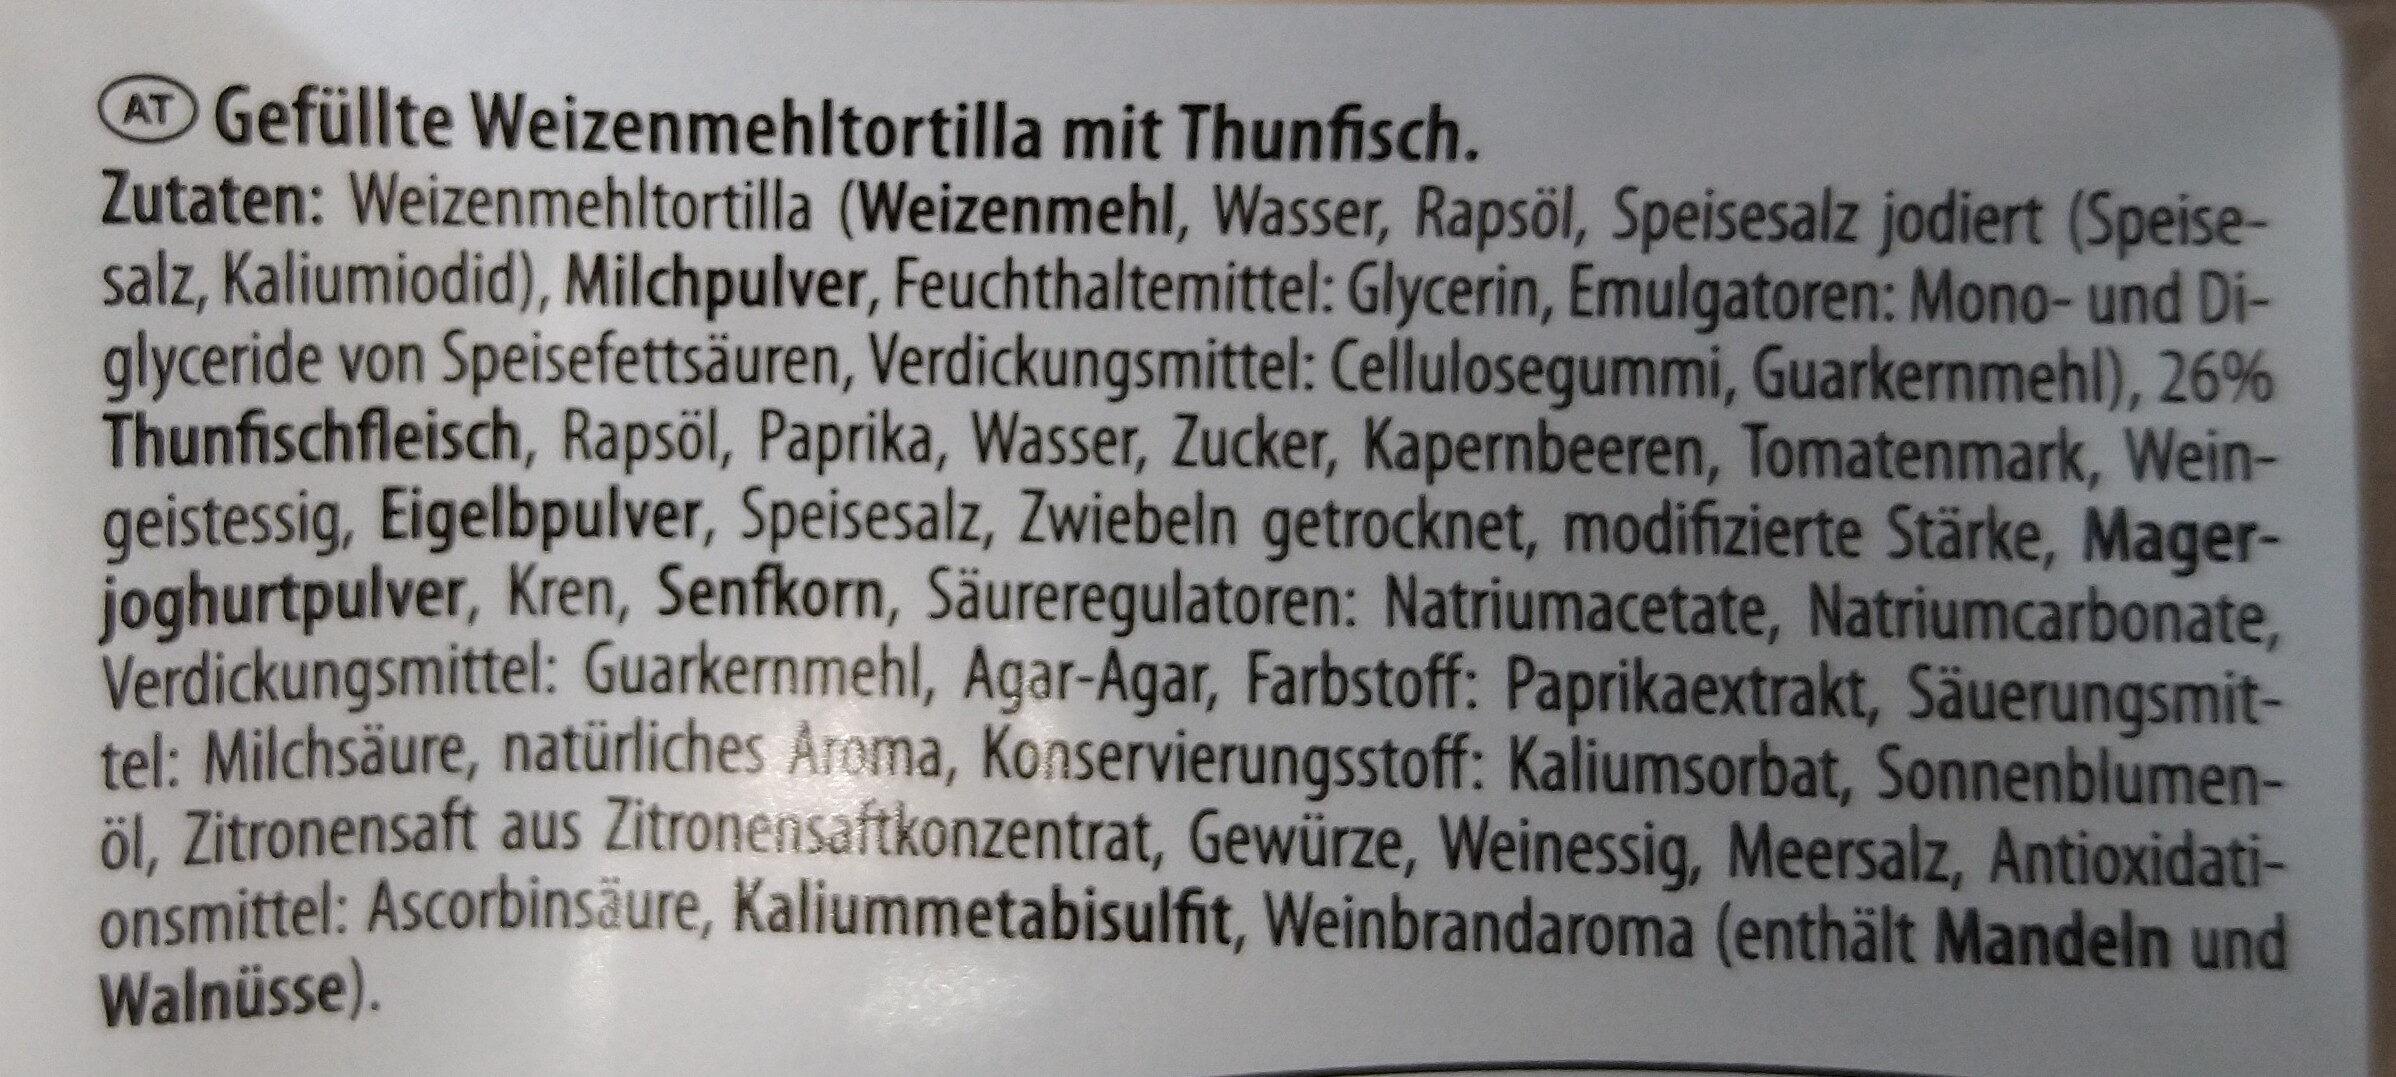 Wrap Thunfisch - Ingrediënten - de